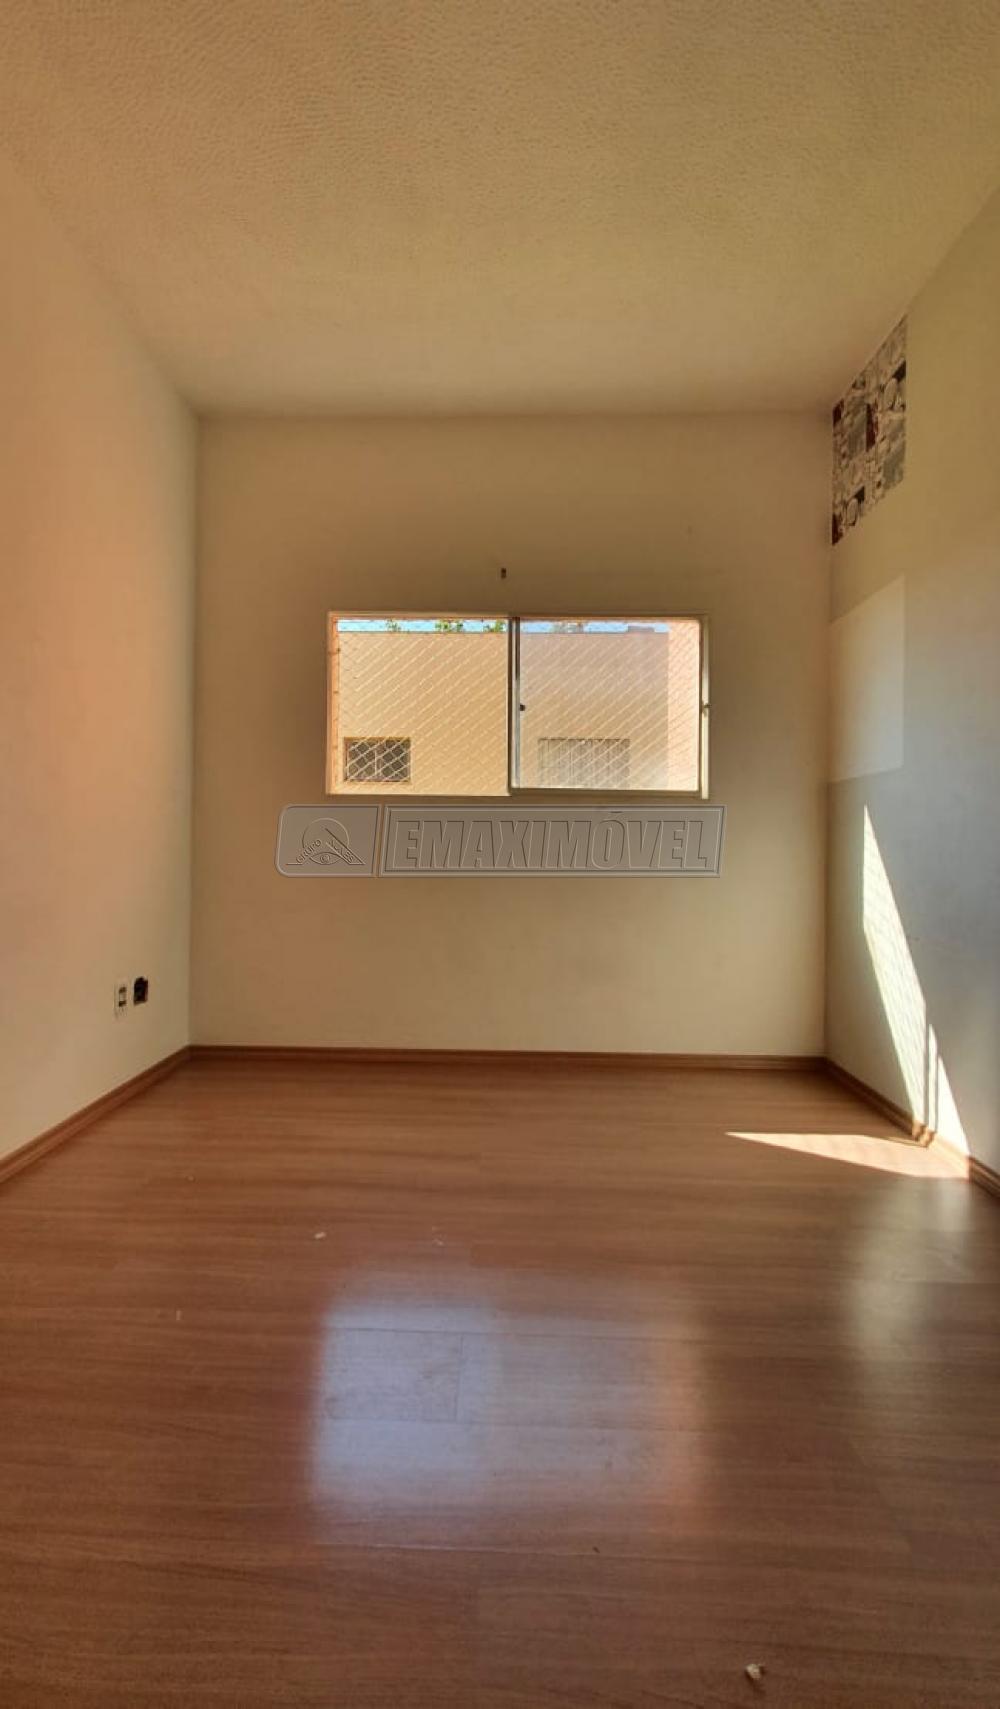 Comprar Apartamentos / Apto Padrão em Sorocaba apenas R$ 150.000,00 - Foto 6